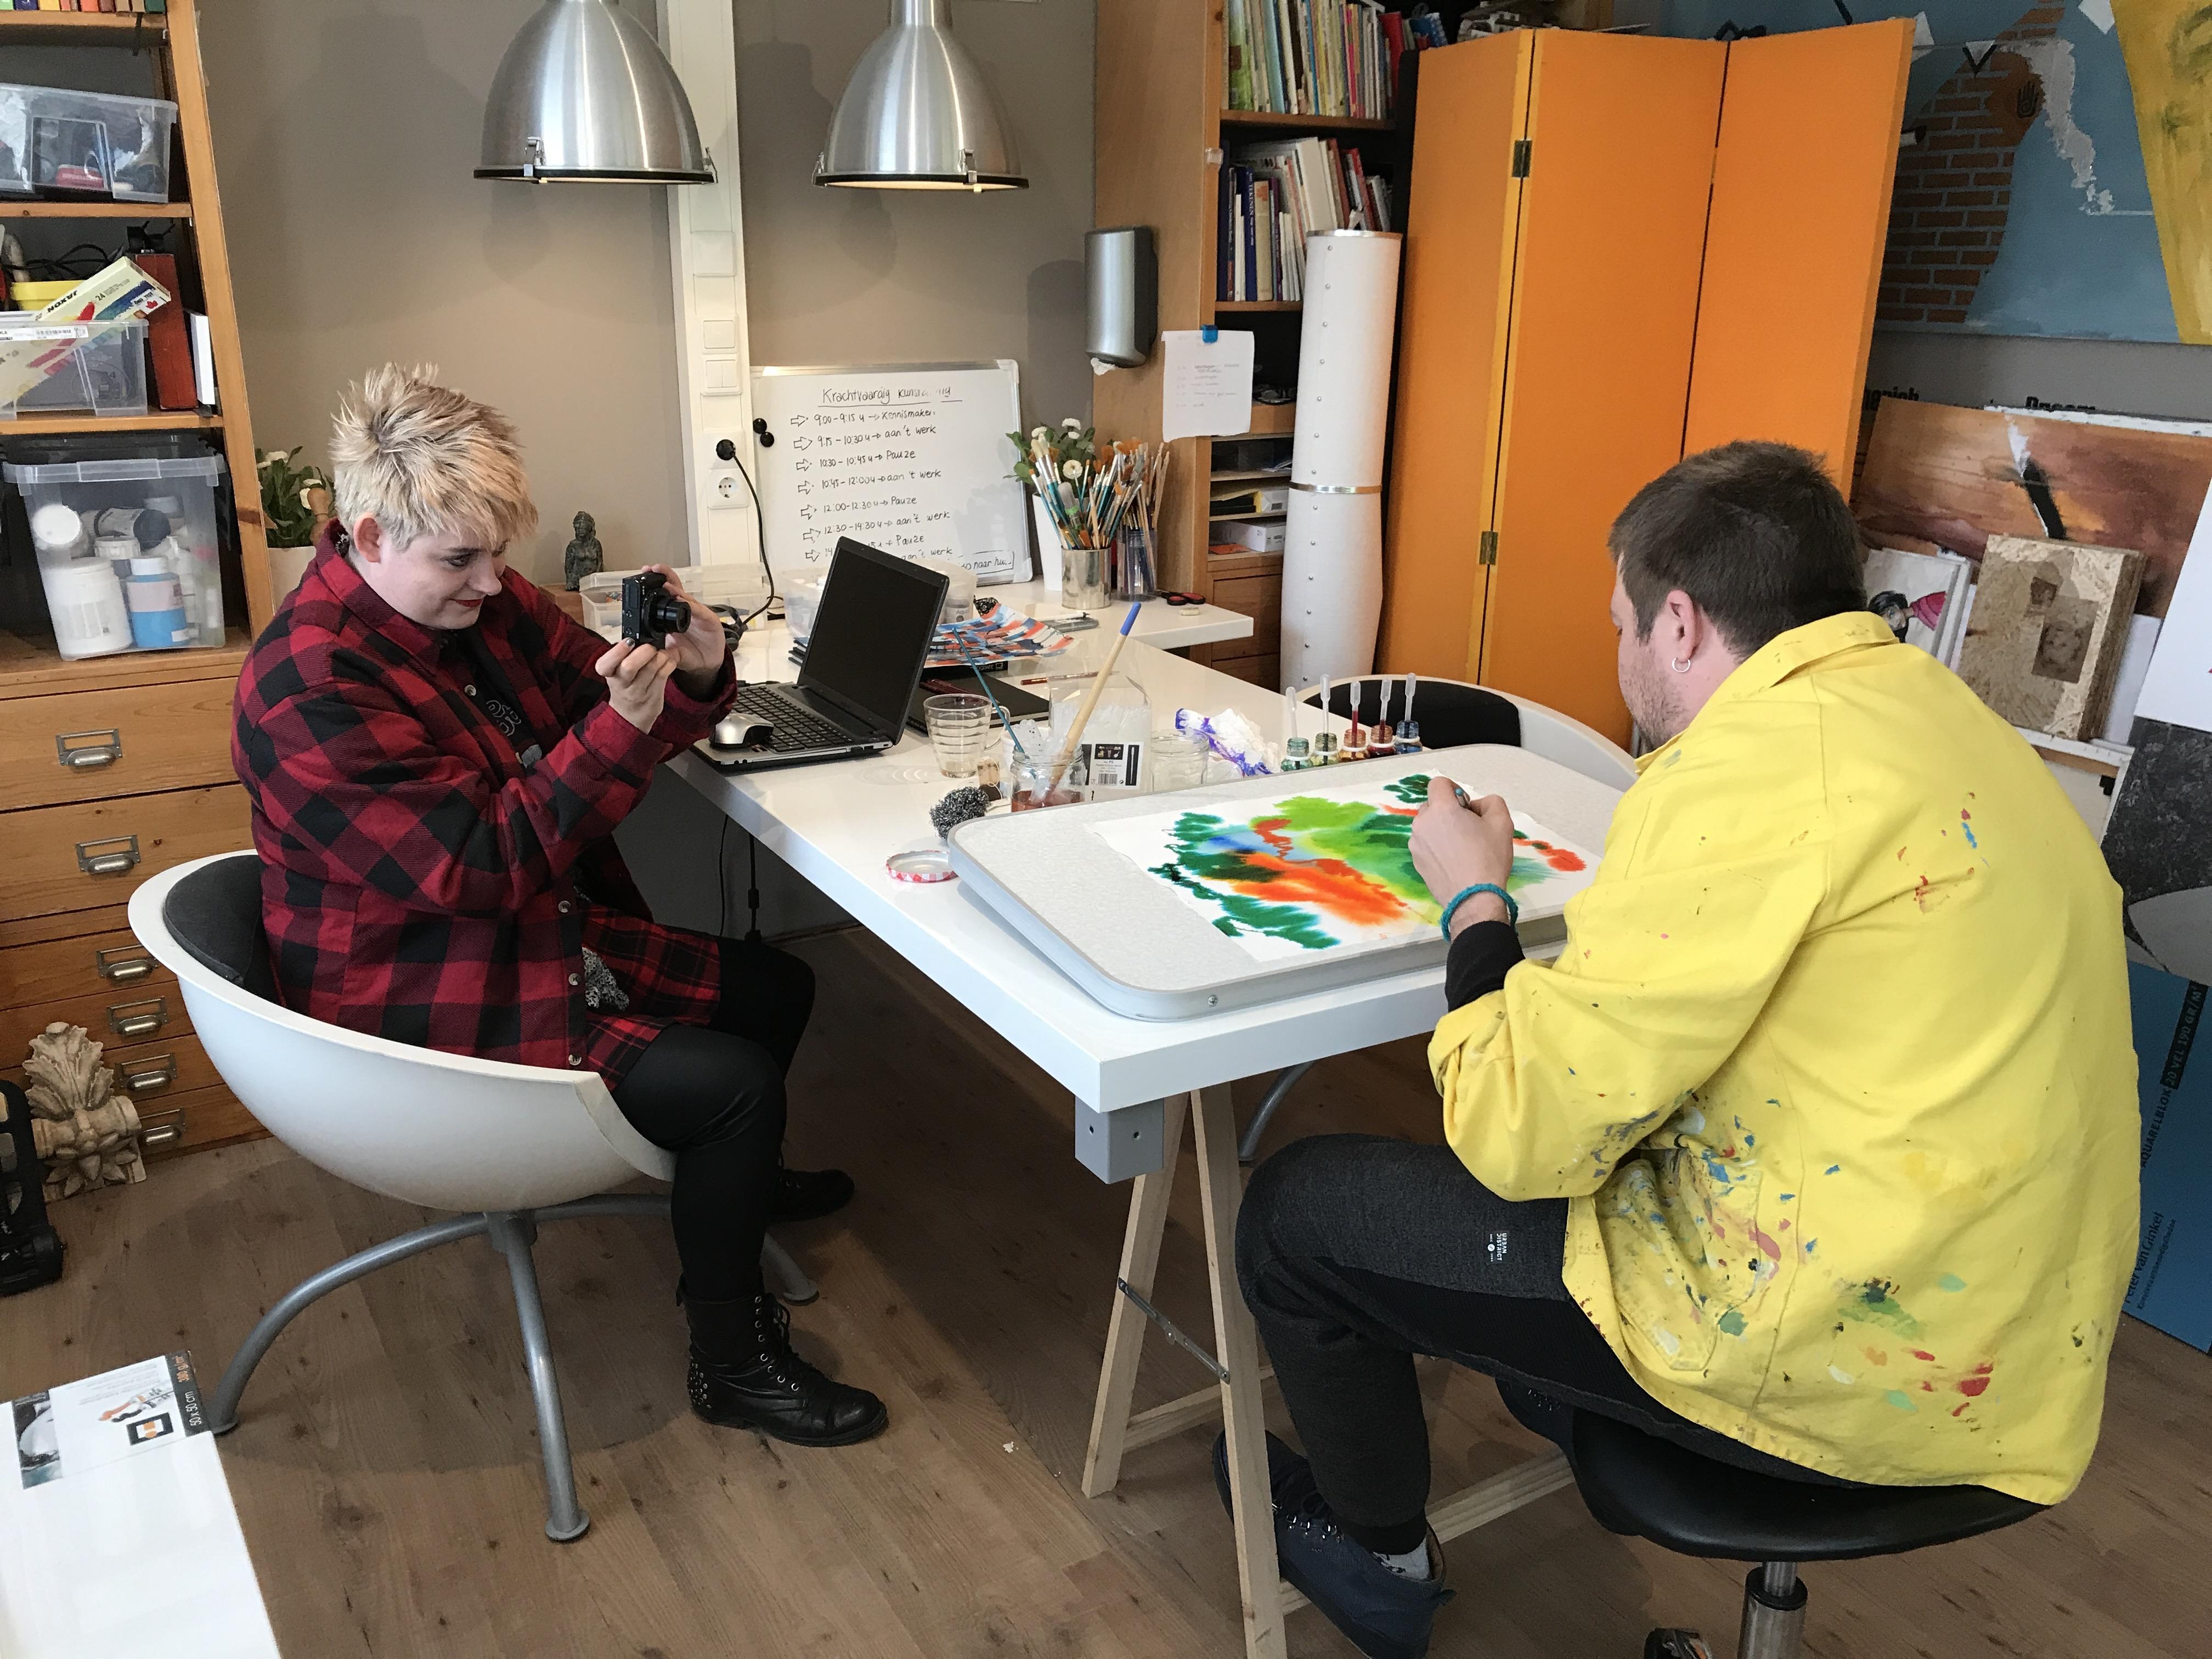 KrachtVaardig Kunstzinnig gestart in Doornenburg